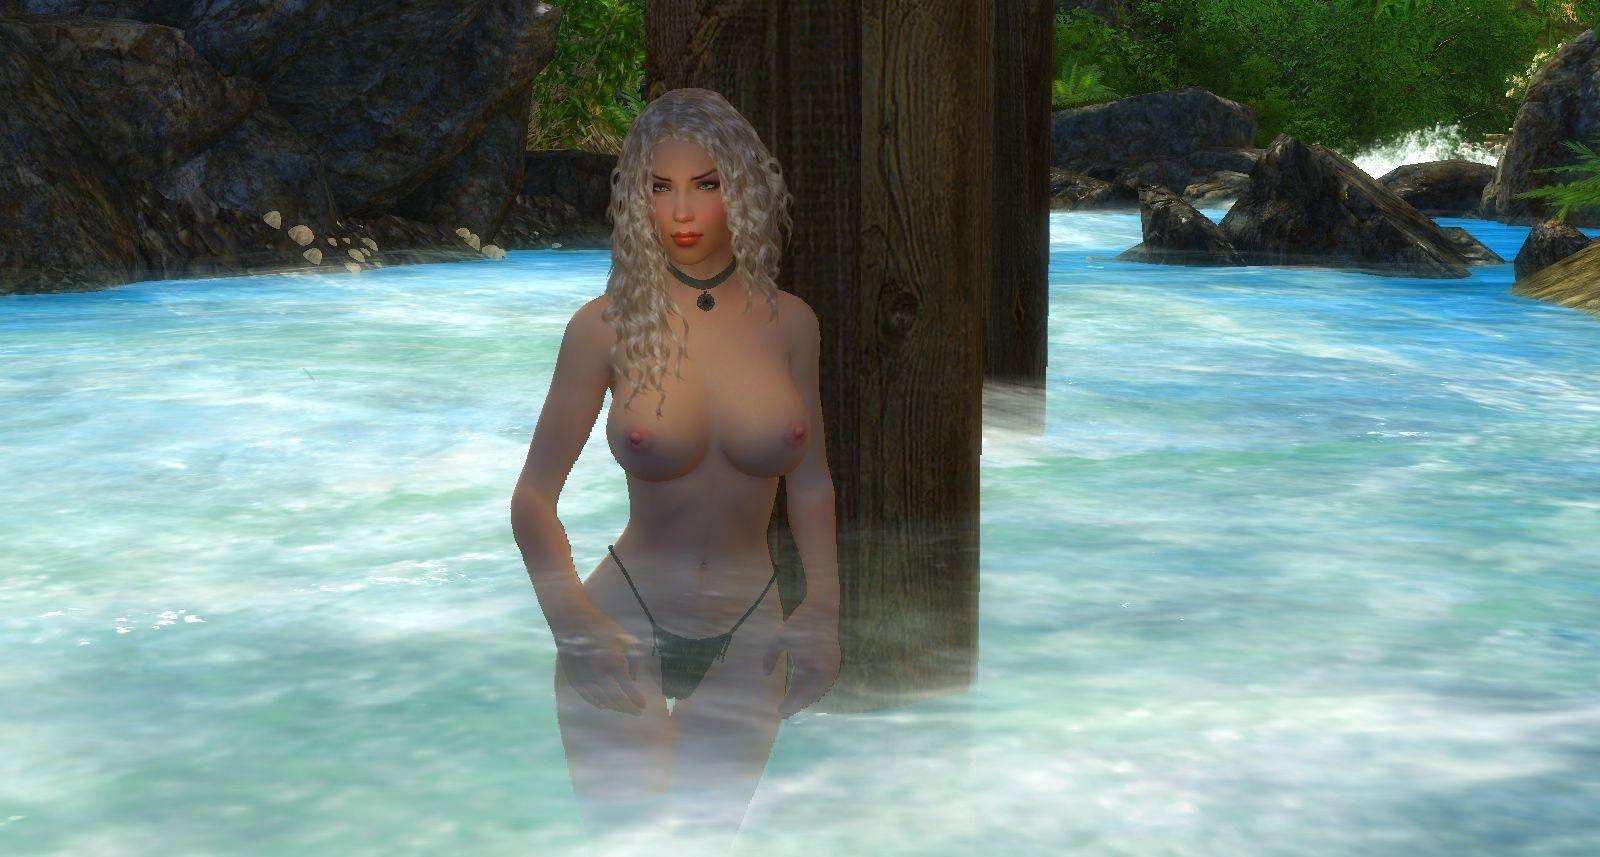 Алиса в реке жарким днём.. Enderal (СБОРКА 3.0)